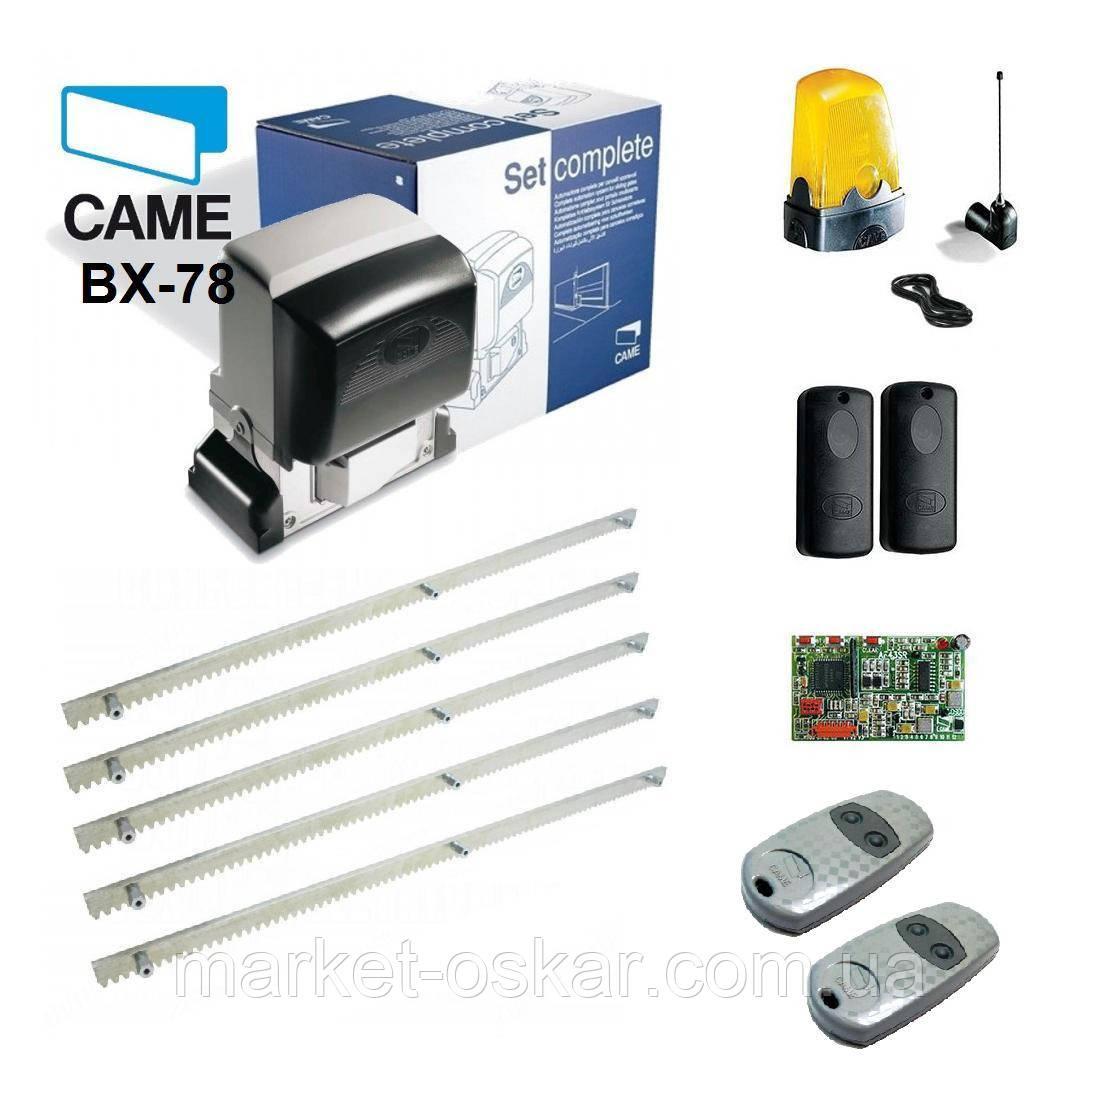 Комплекты автоматики для откатных ворот came bx